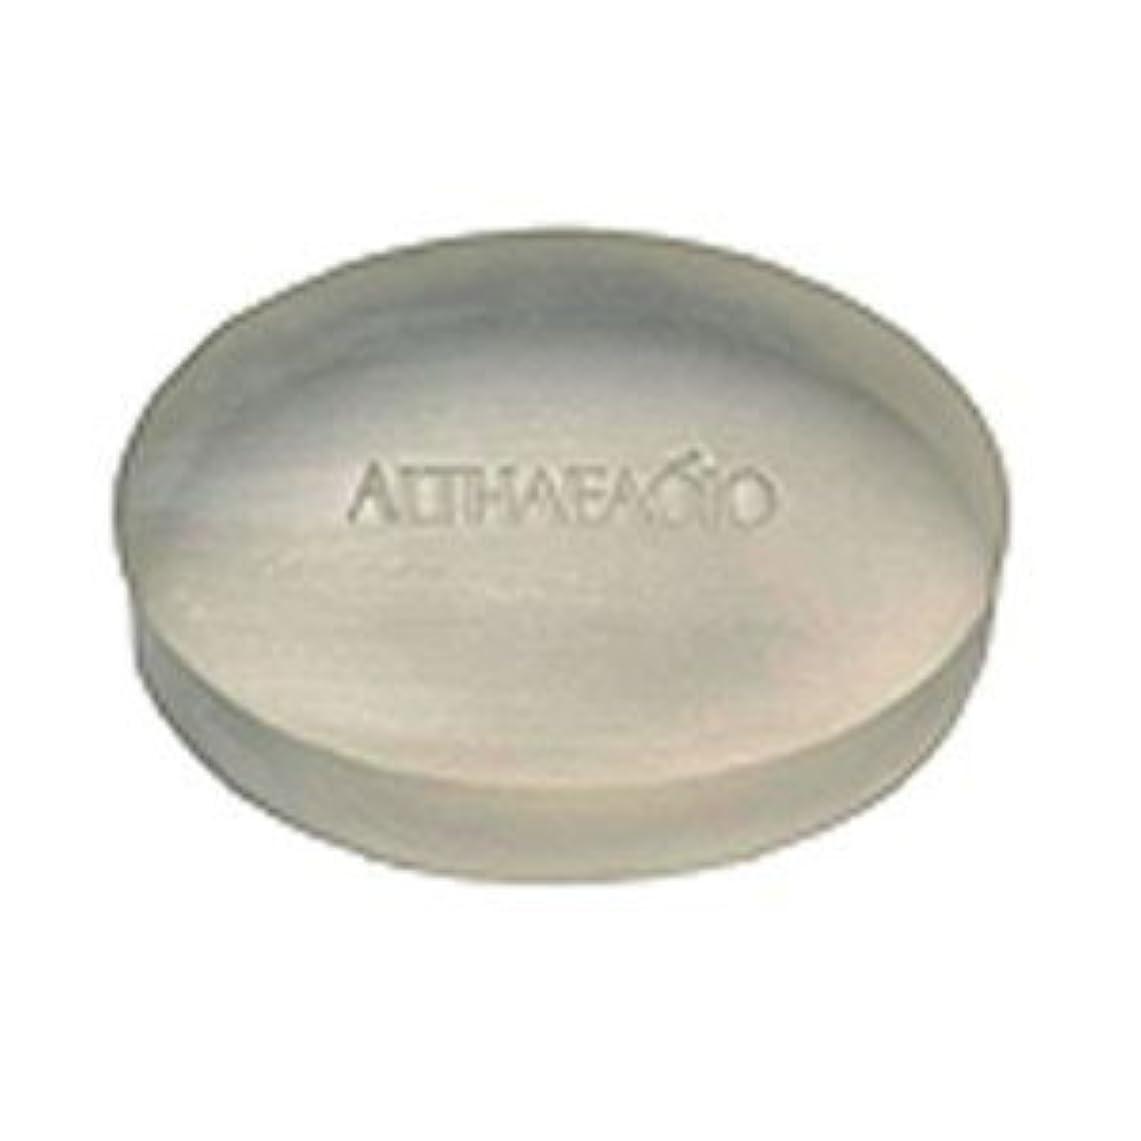 人工ワイドレッスンセプテム エルテオ ソープ レフィル 100g 薬用洗顔石けん